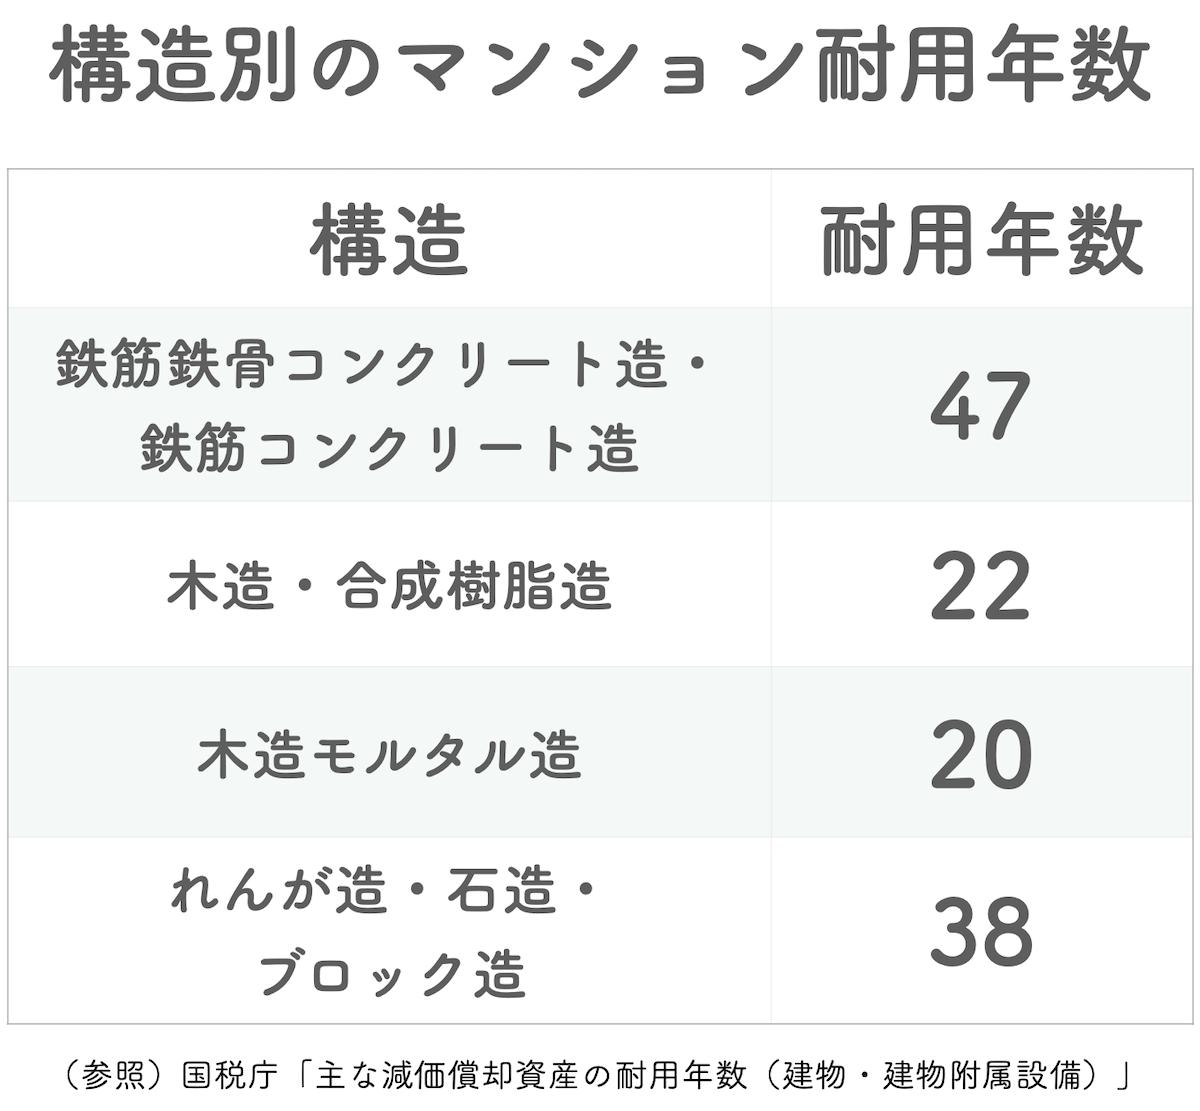 構造別 耐用年数 一覧